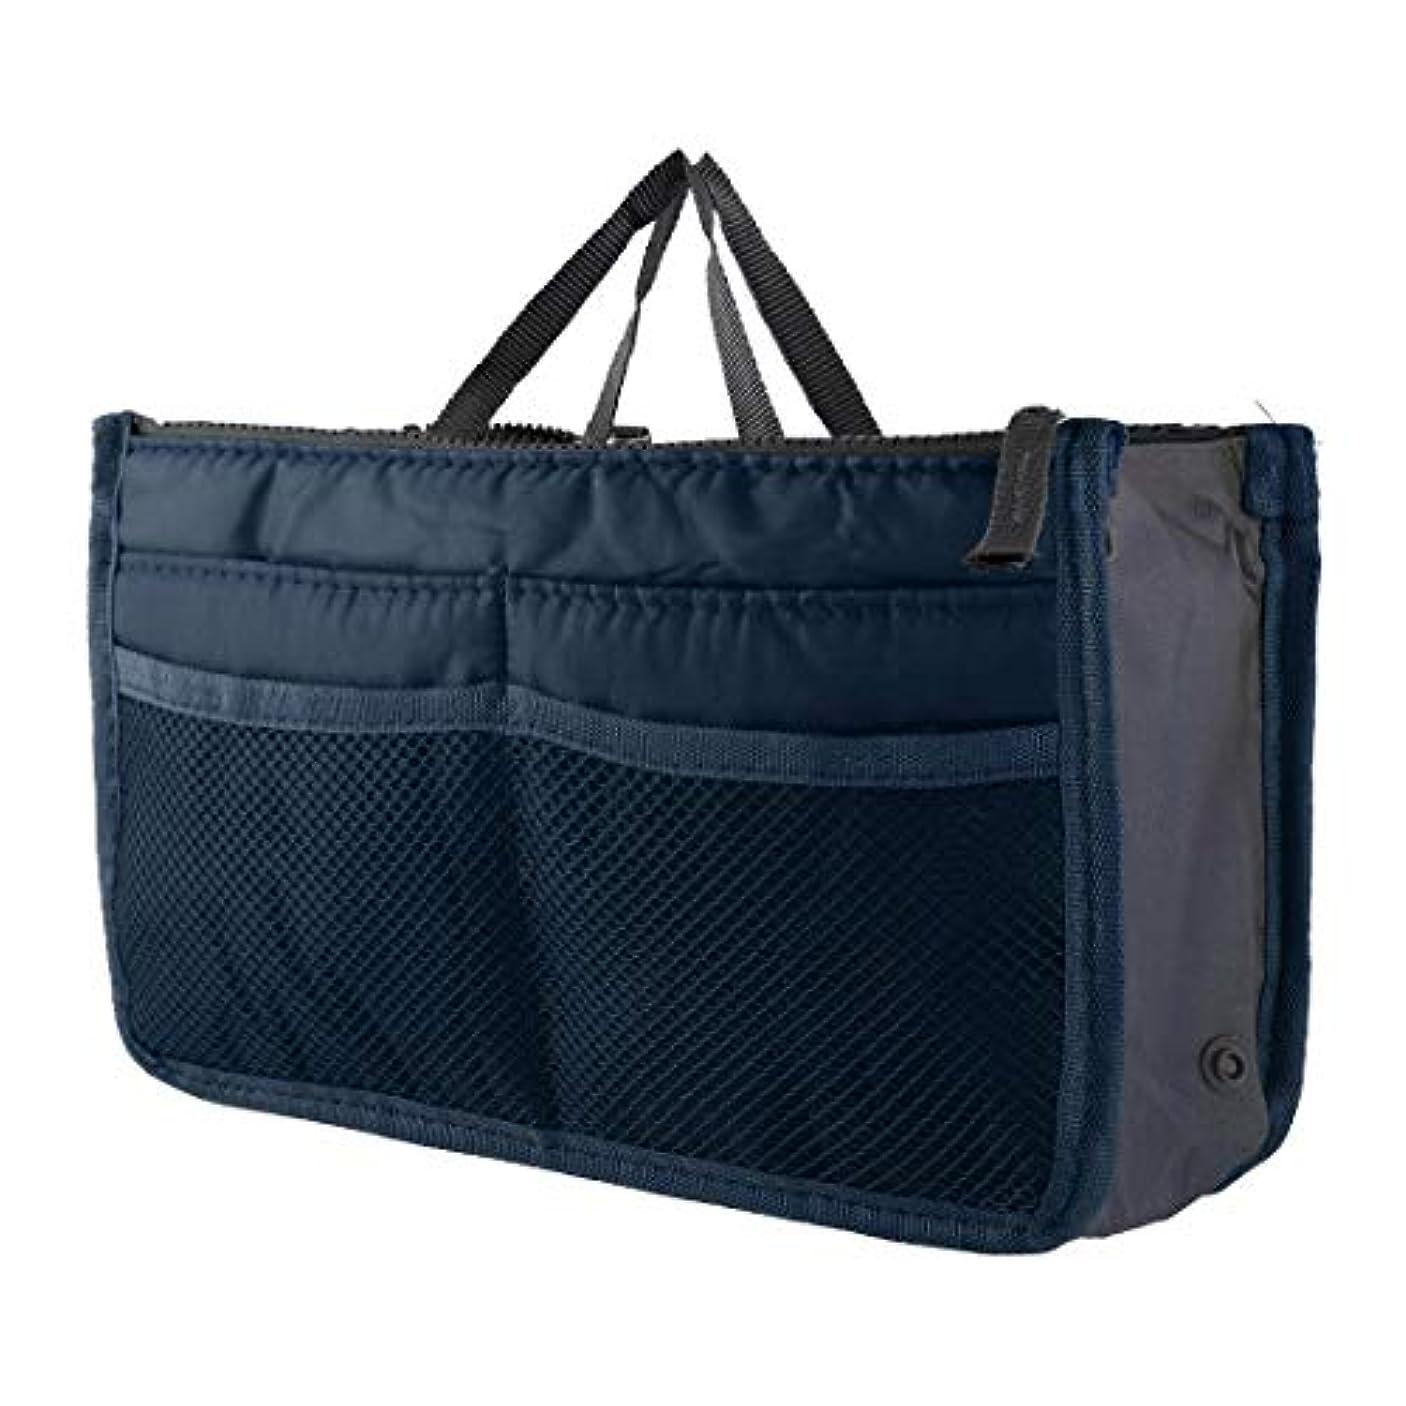 強風守銭奴カカドゥFidgetGear Large Womens Wash Bag Toiletry Cosmetic Travel Make Up Handle Folding Organizer Navy Blue